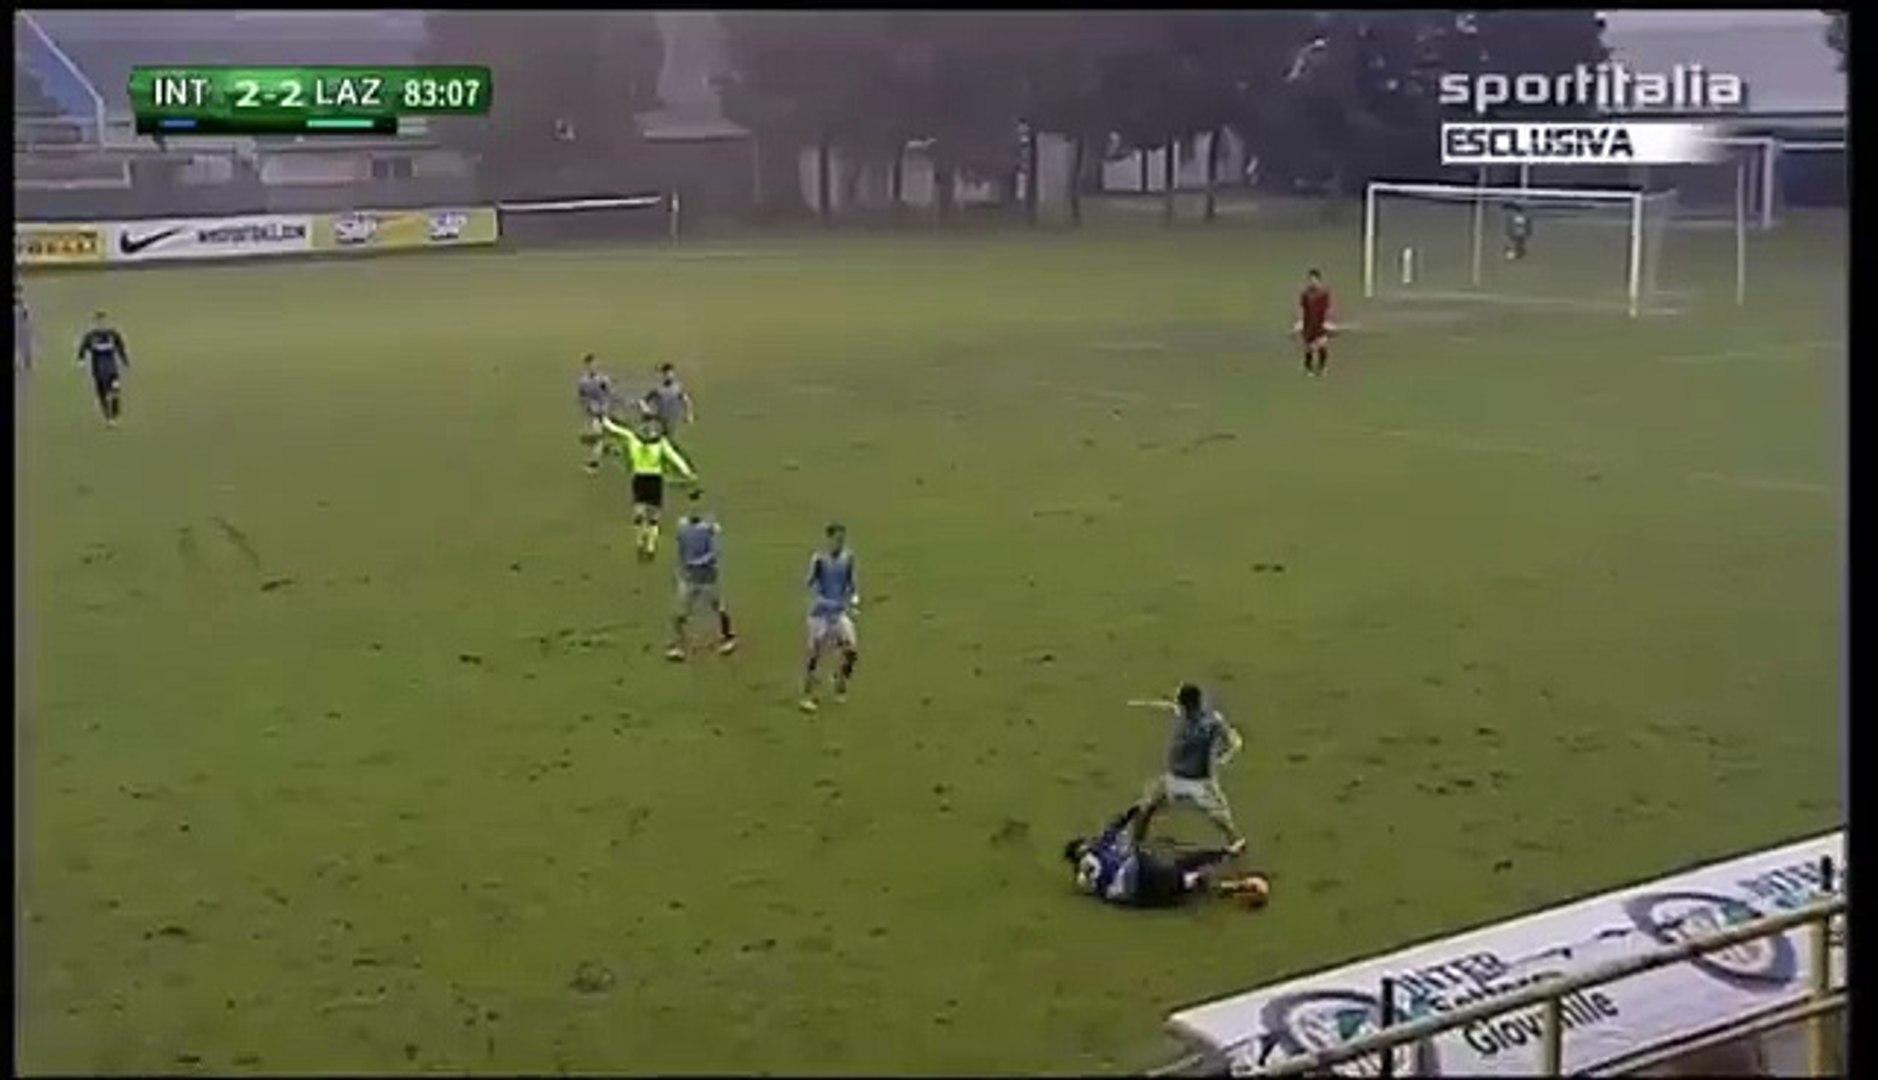 Primavera, Inter-Lazio - Rissa a bordo campo